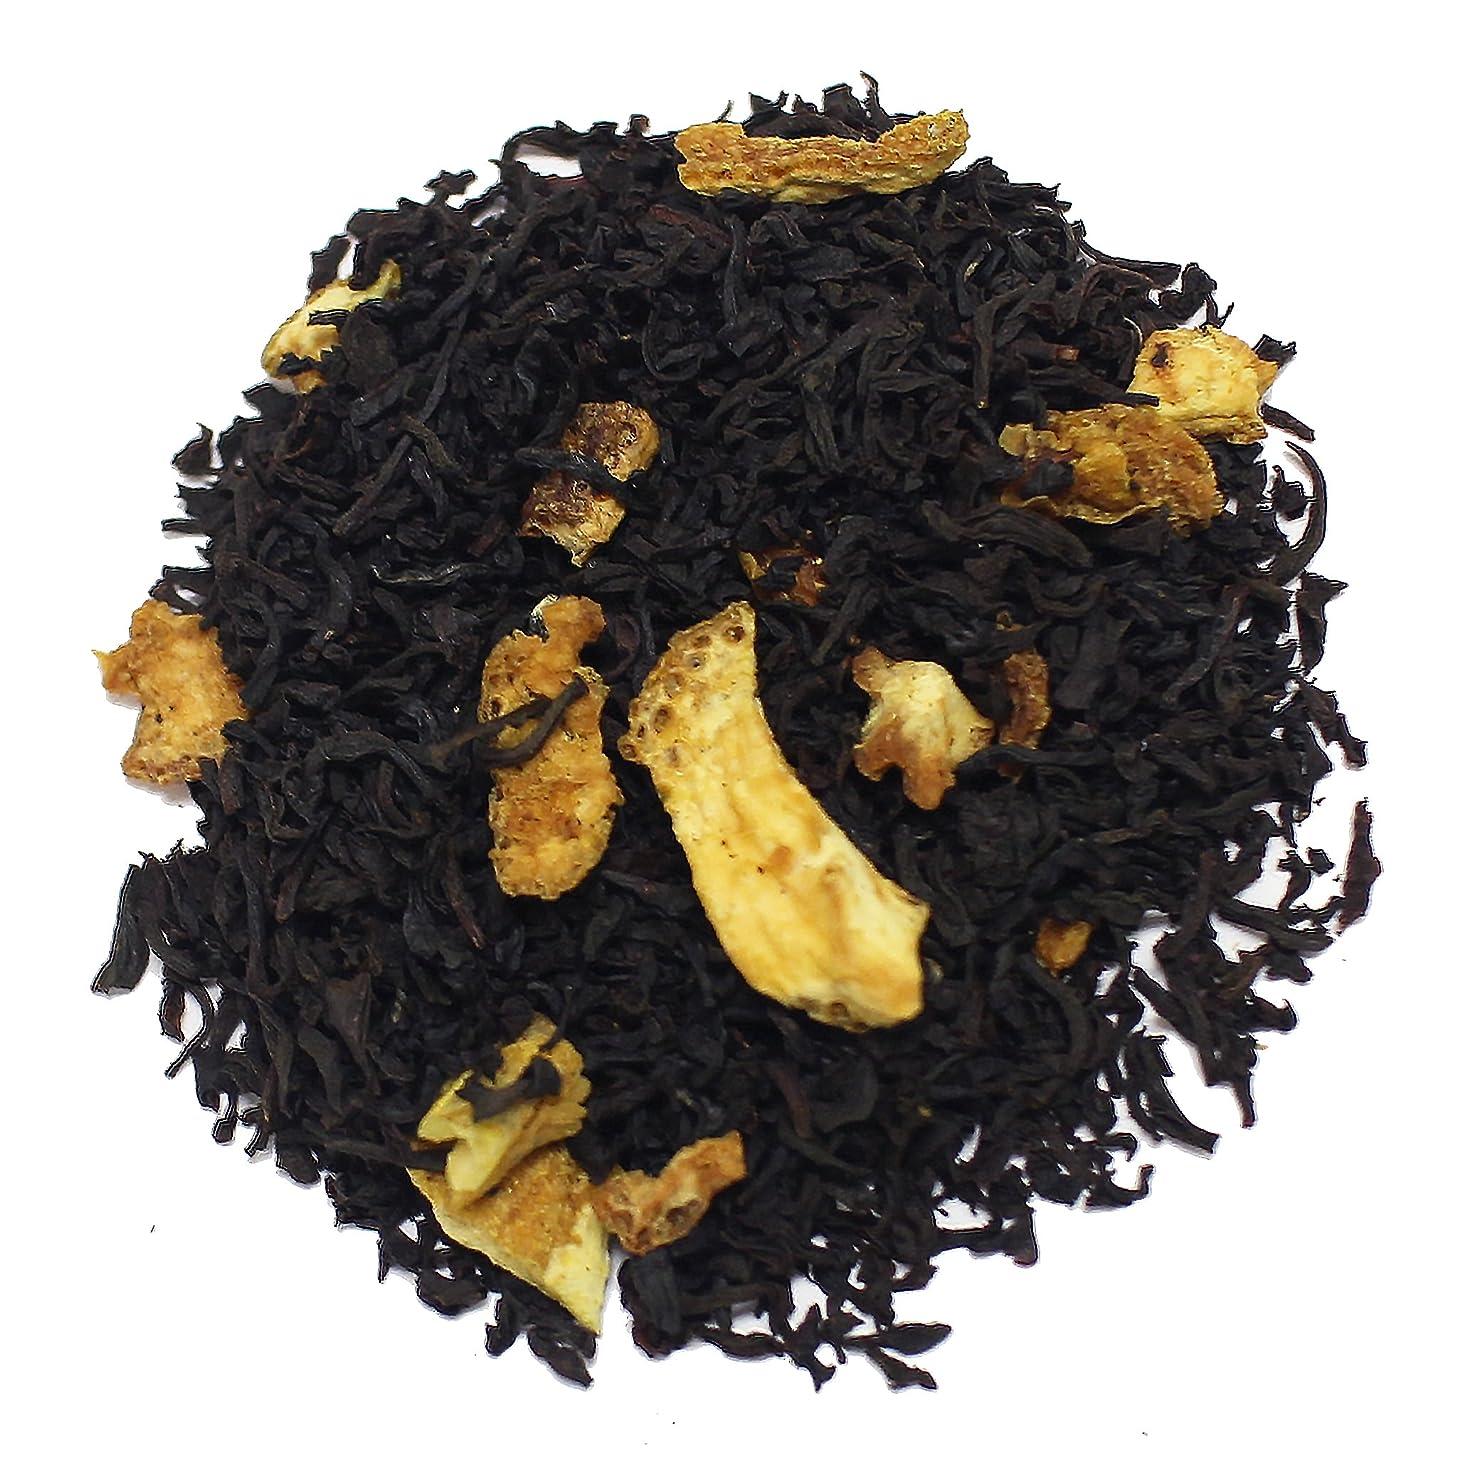 The Tea Farm - Sweet Orange Cream (Vanilla) Black Fruit Tea - Loose Leaf Black Tea (2 Ounce Bag)